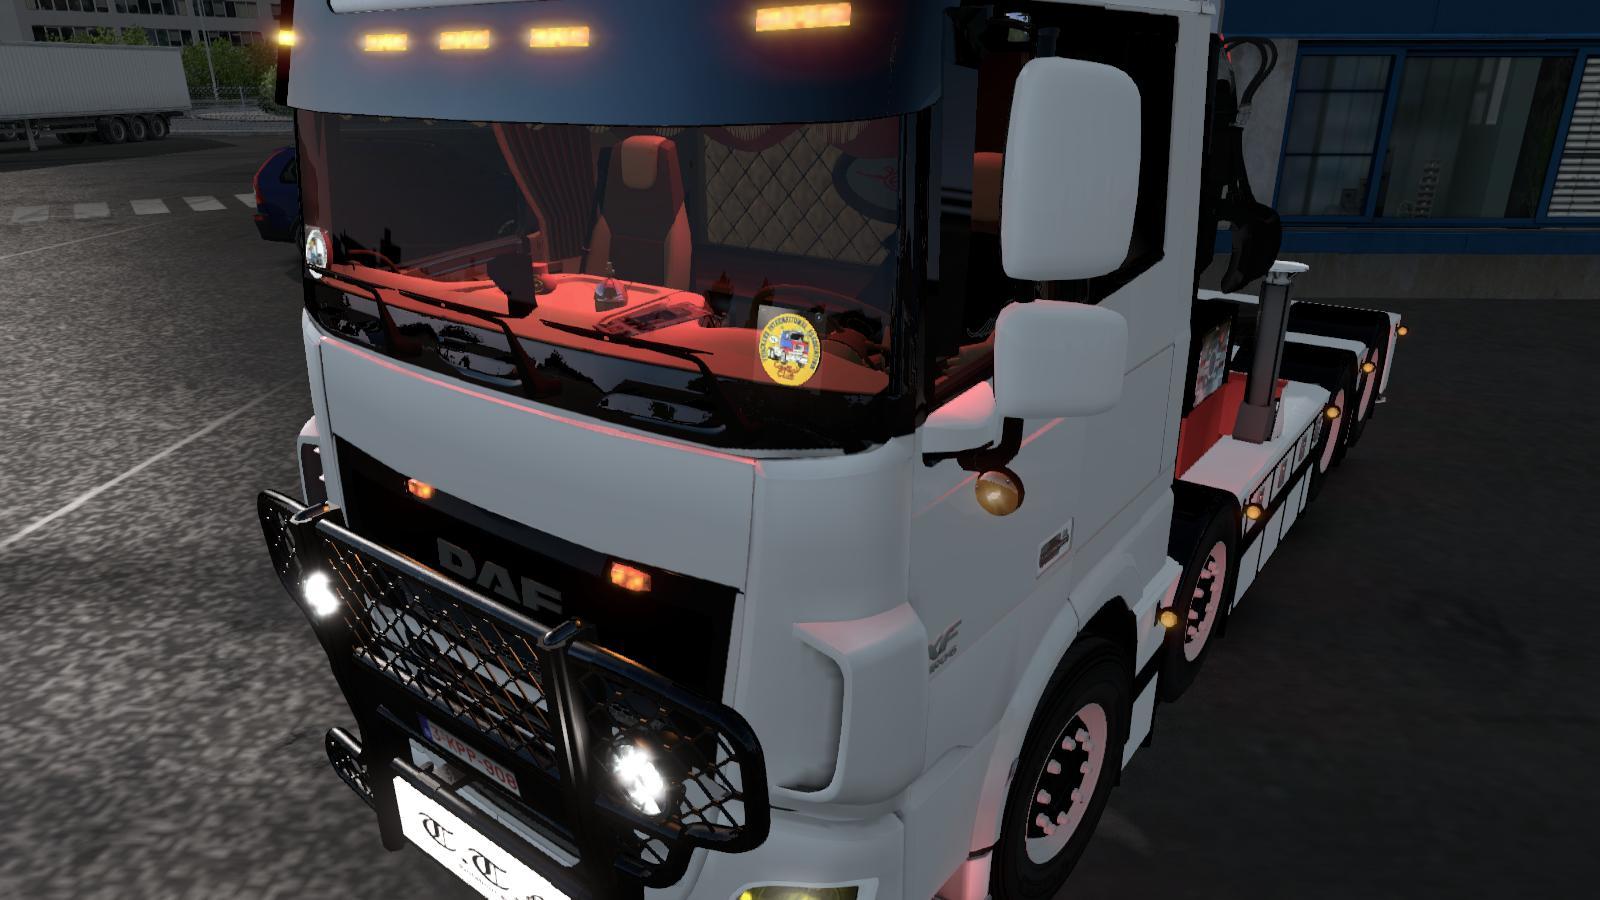 DAF LOWROOF TRUCK - ETS2 Mod